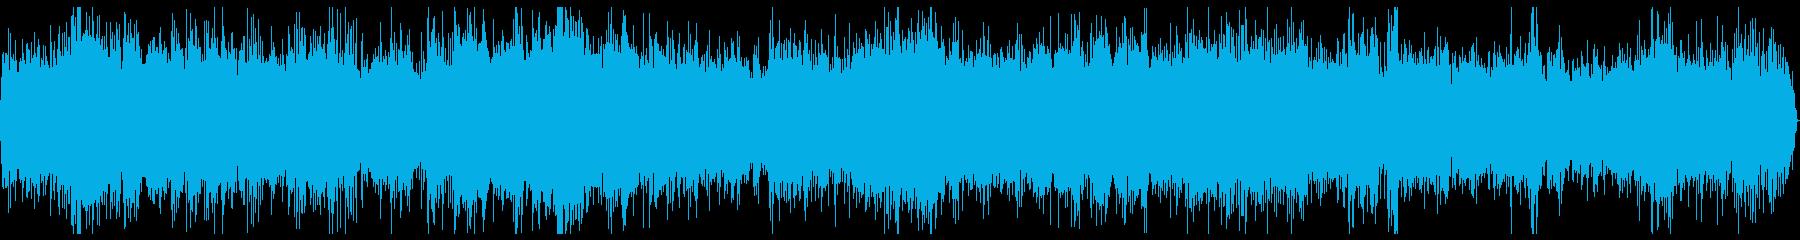 特急 電車 走行音 ステレオ 11分の再生済みの波形